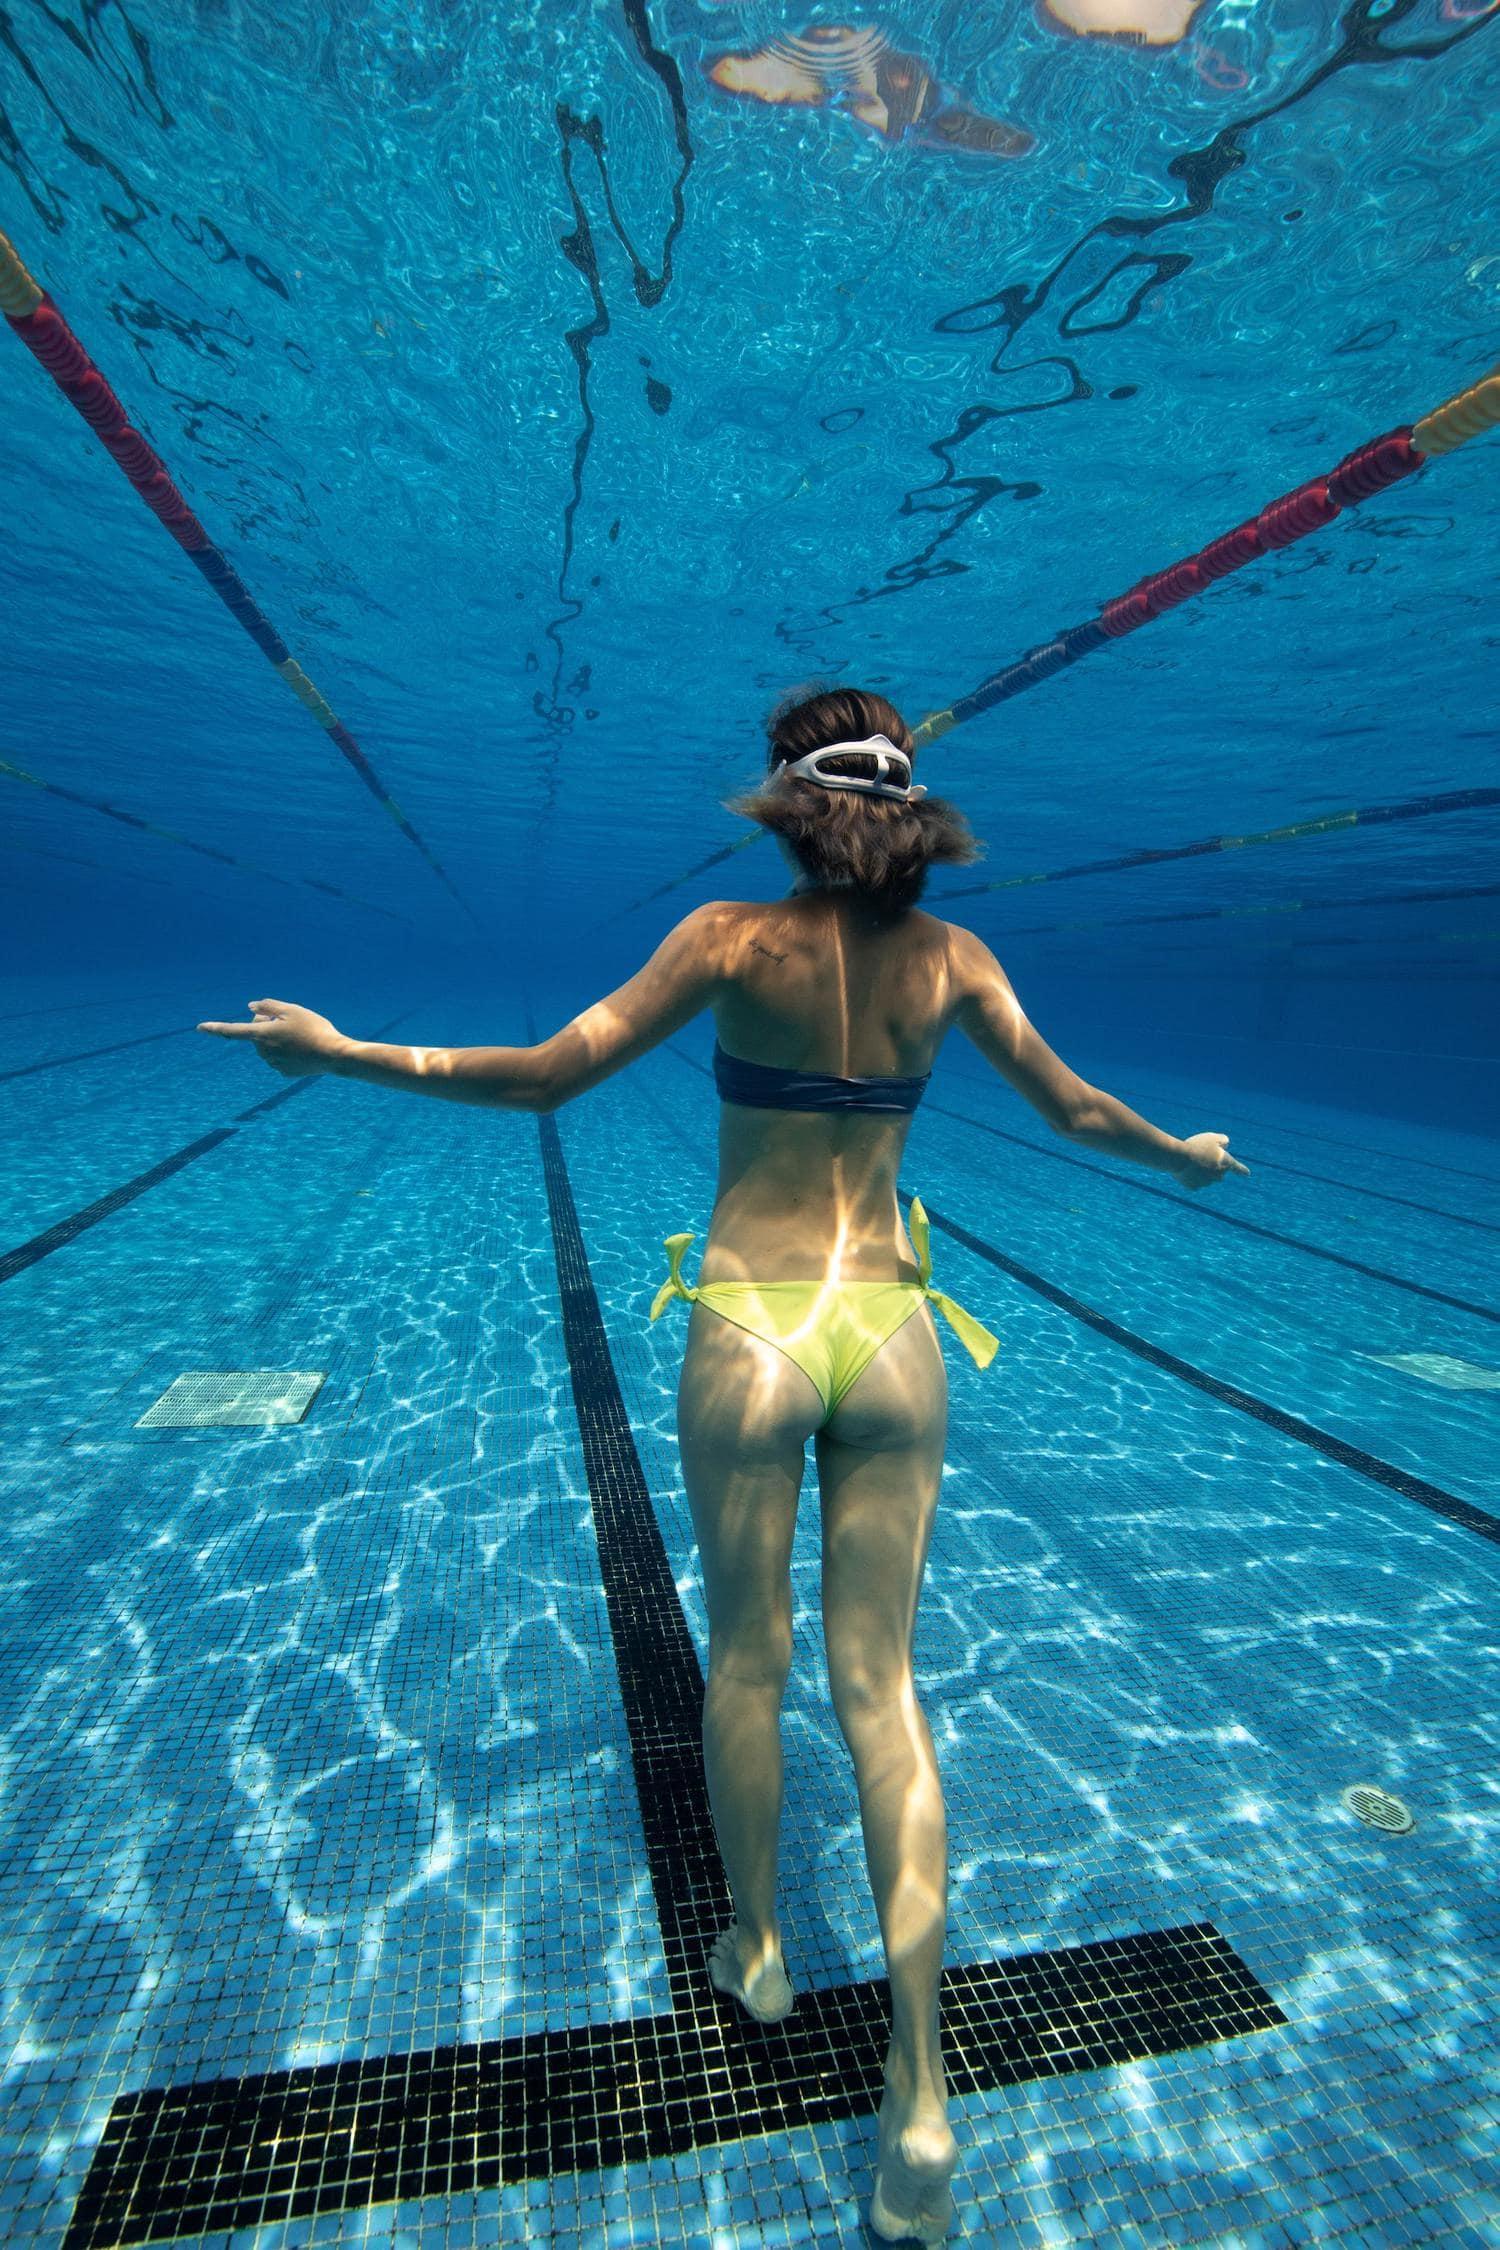 Chica caminando en piscina debajo del agua